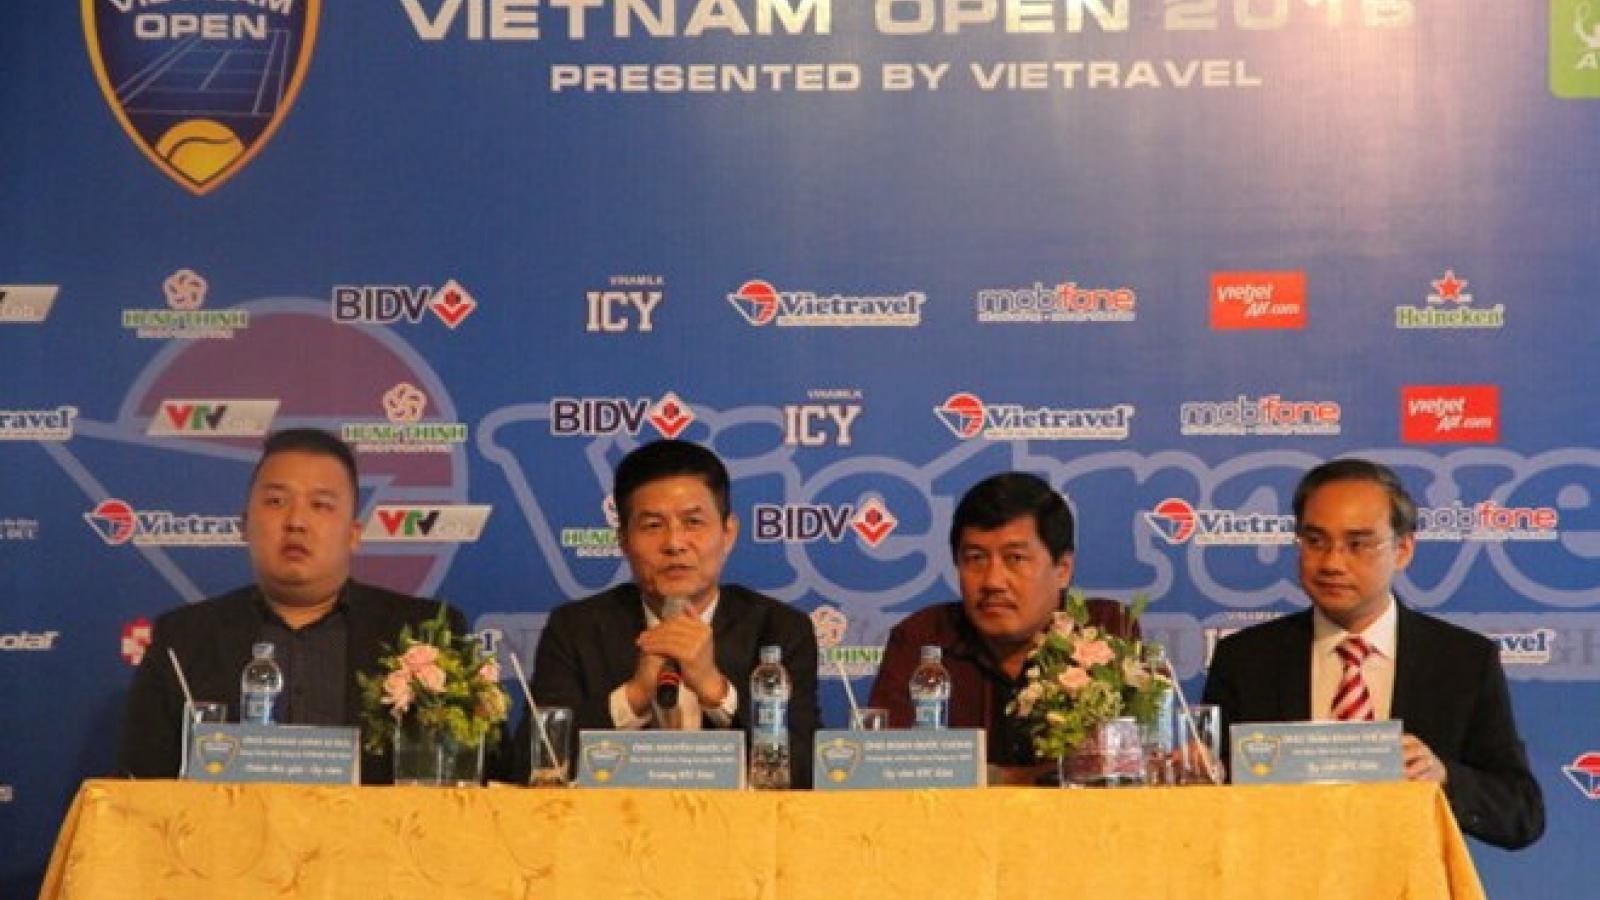 Vietnam Open 2016 to kick off on October 8